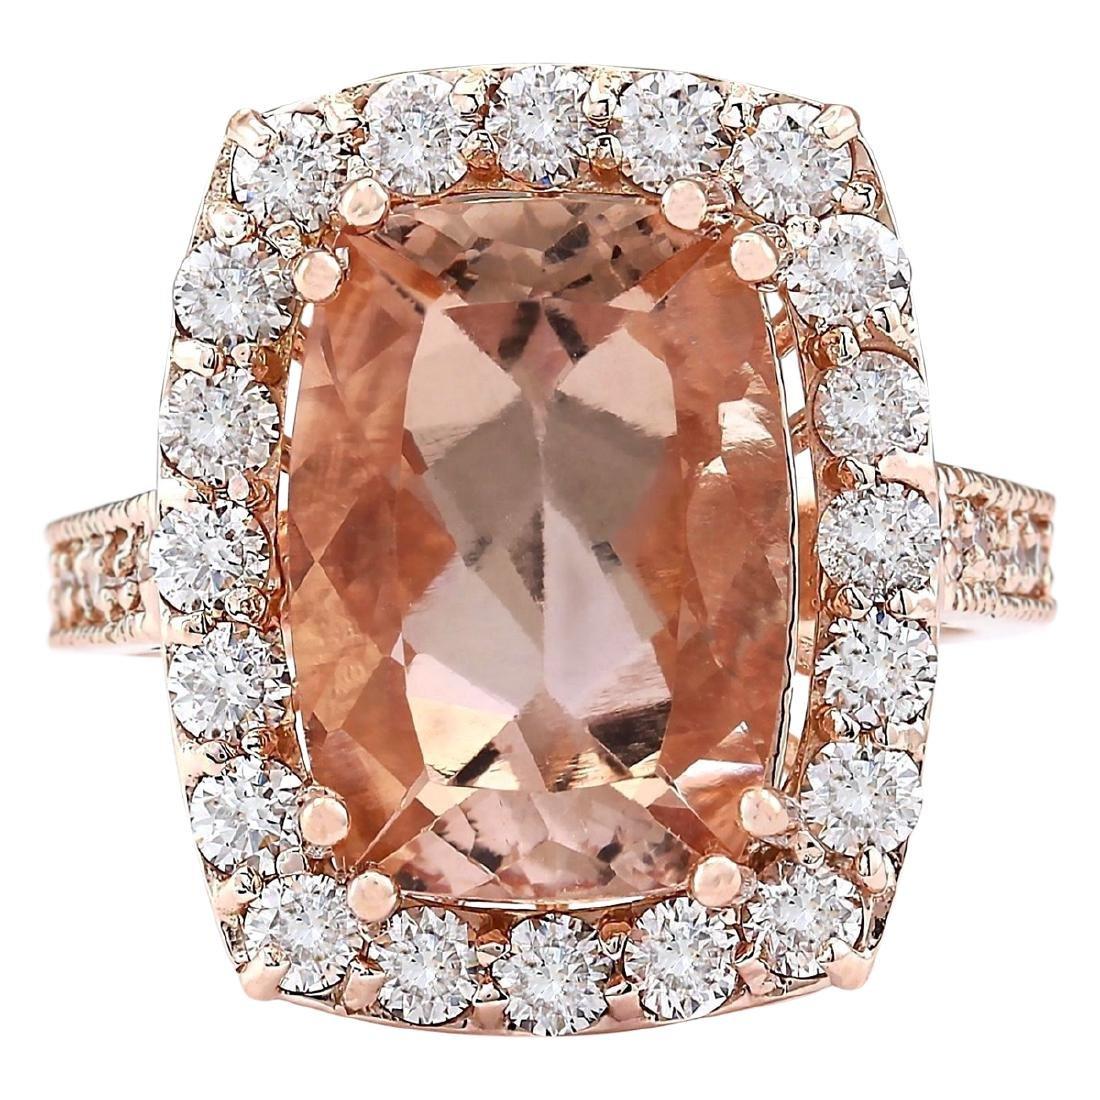 8.31 CTW Natural Morganite And Diamond Ring In 18K Rose